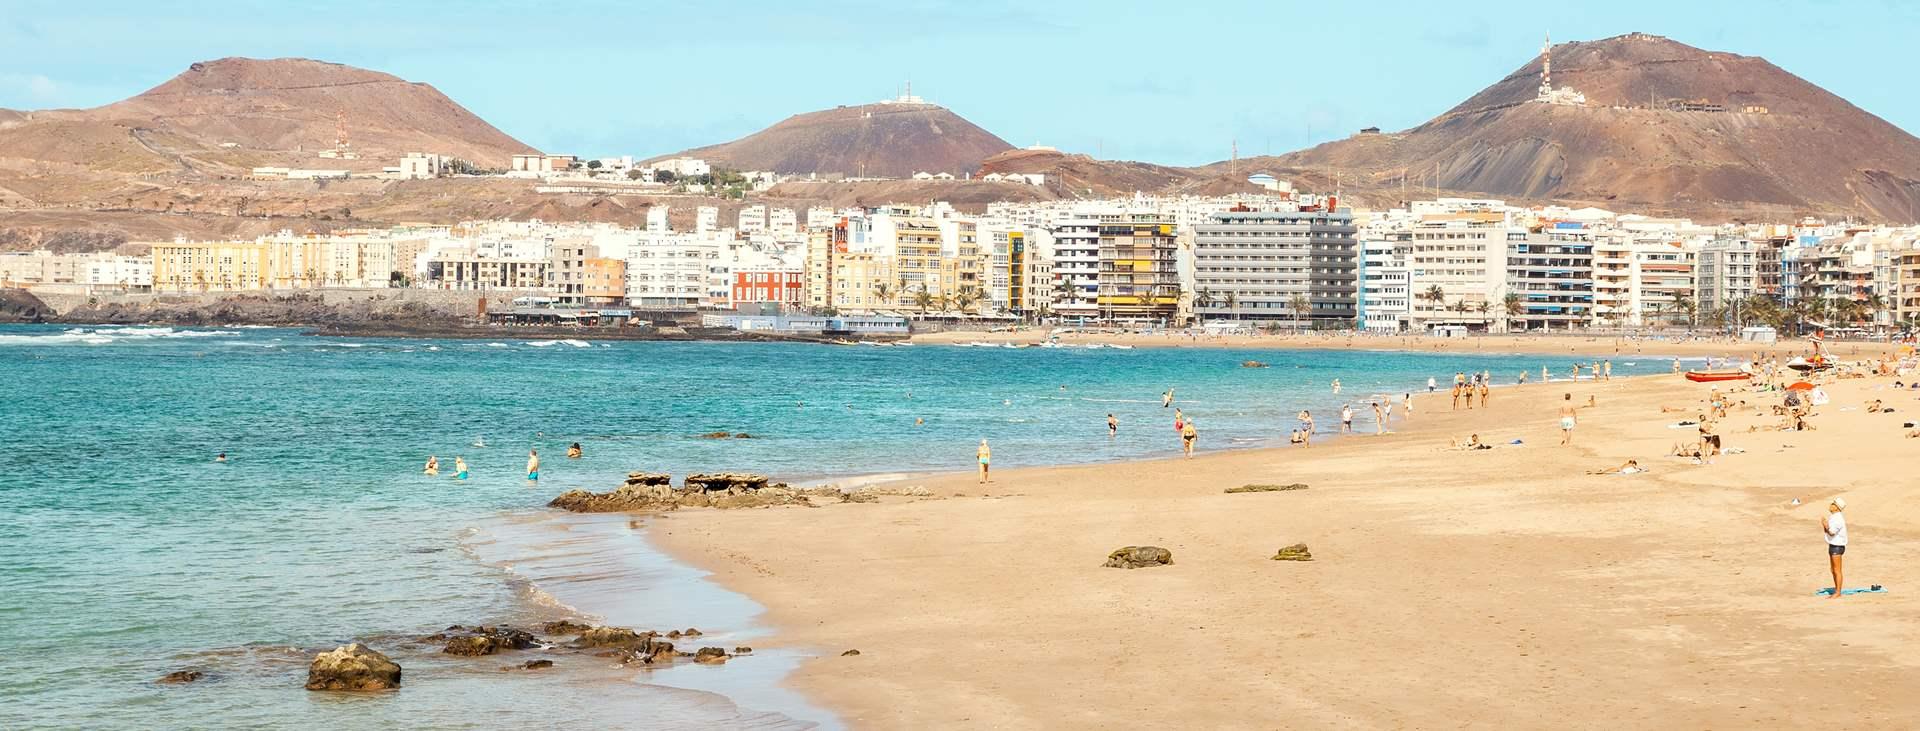 Las Palmas Gran Canarialla - varaa Tjäreborgilta ranta- ja kaupunkiloma samassa paketissa